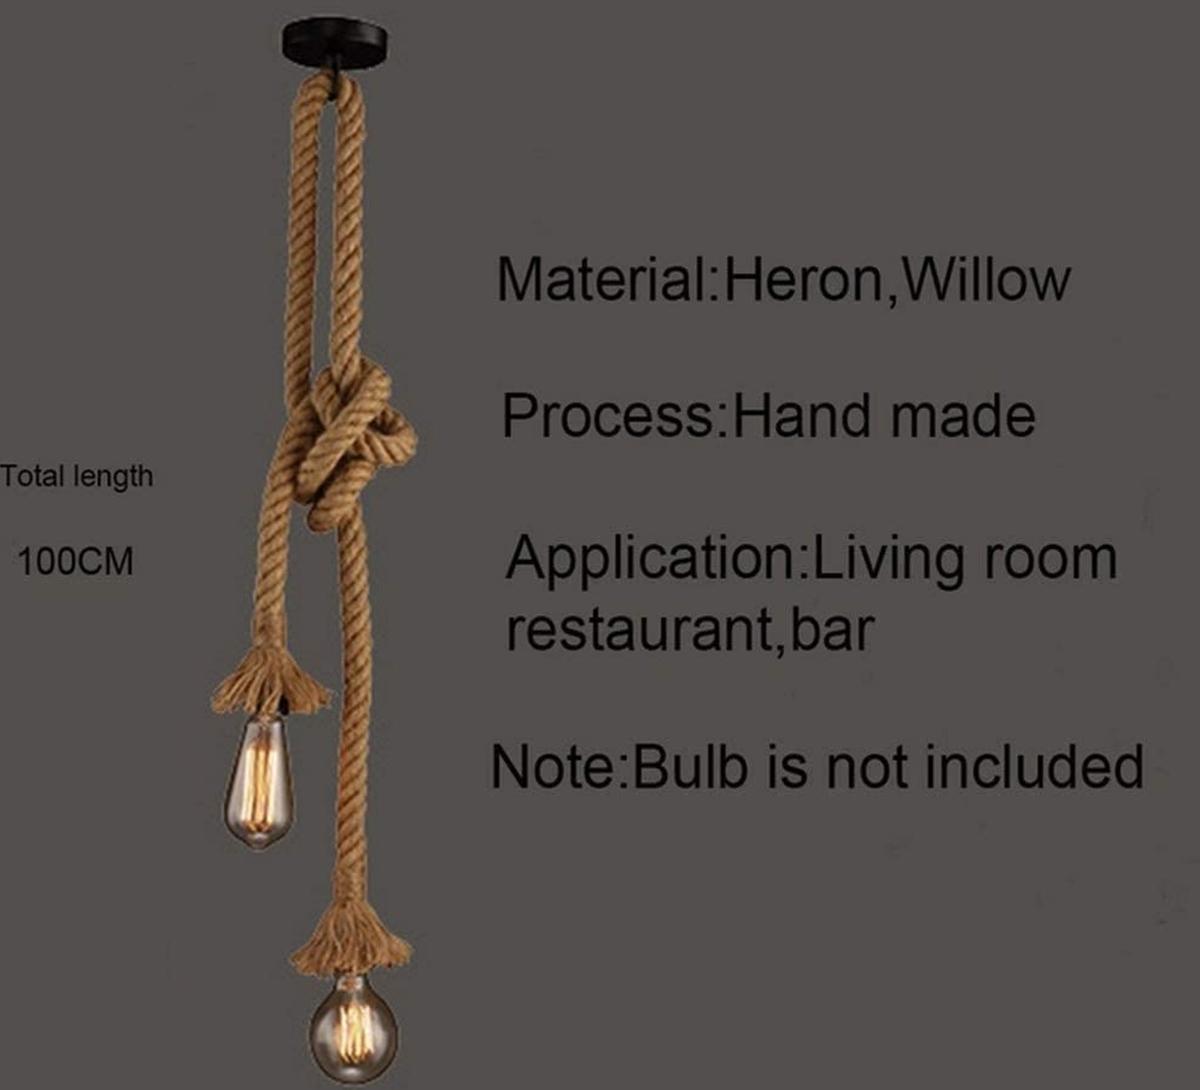 lampadario-doppia-testa-con-corda-di-canapa-realizzata-a-mano-base-metallo-nero